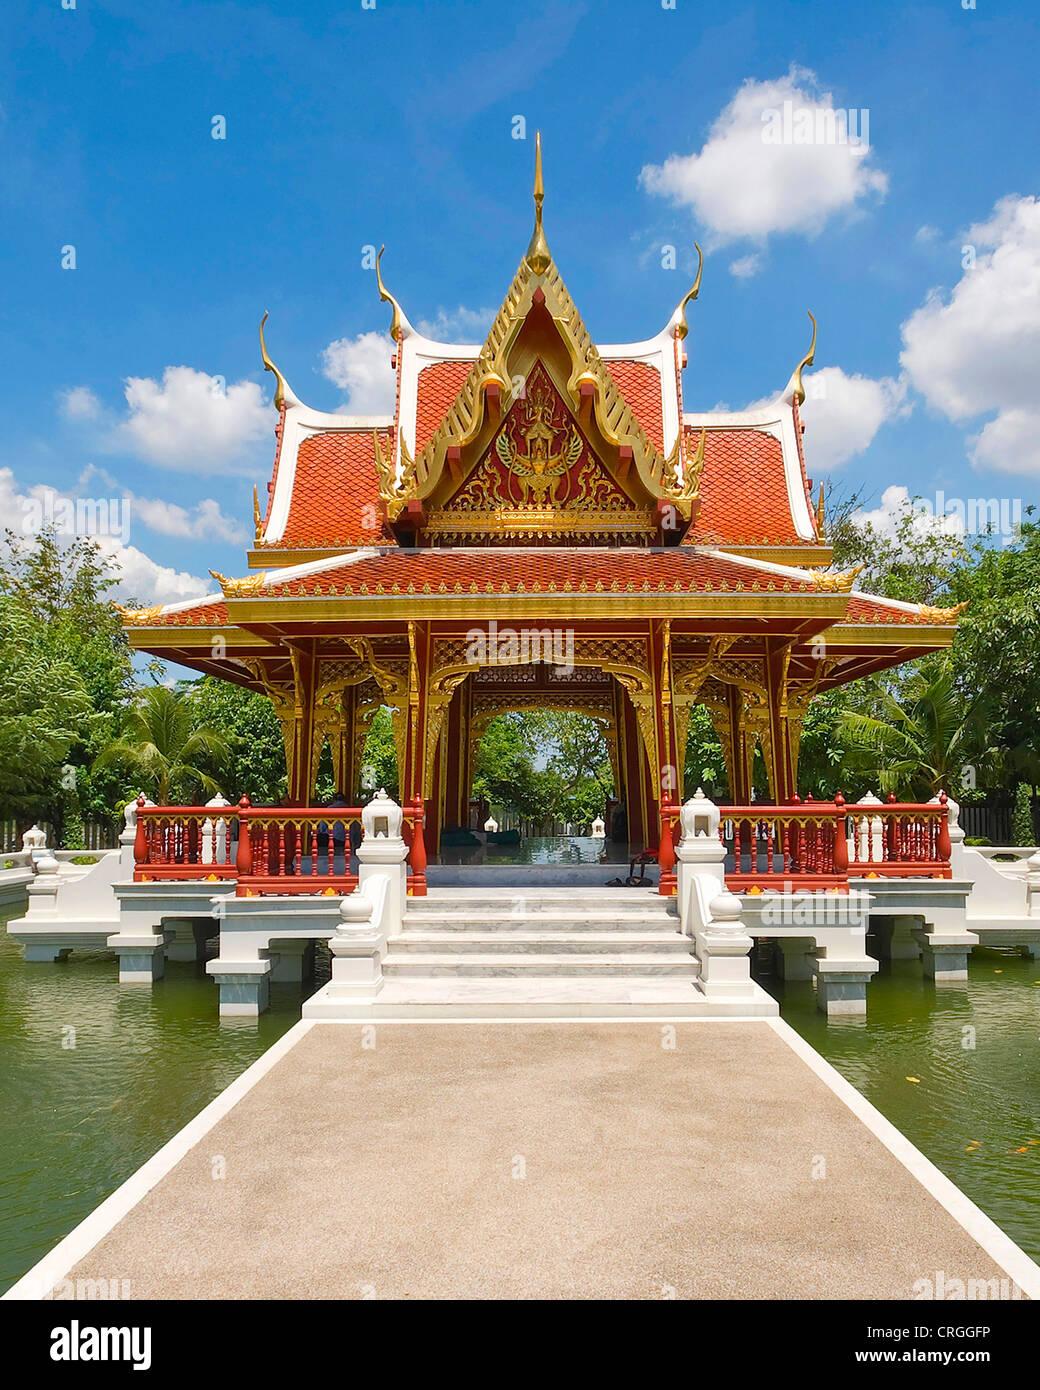 Thailand Kultur Zentrum, Pavillon in einem Teich, Thailand, Bangkok Stockbild